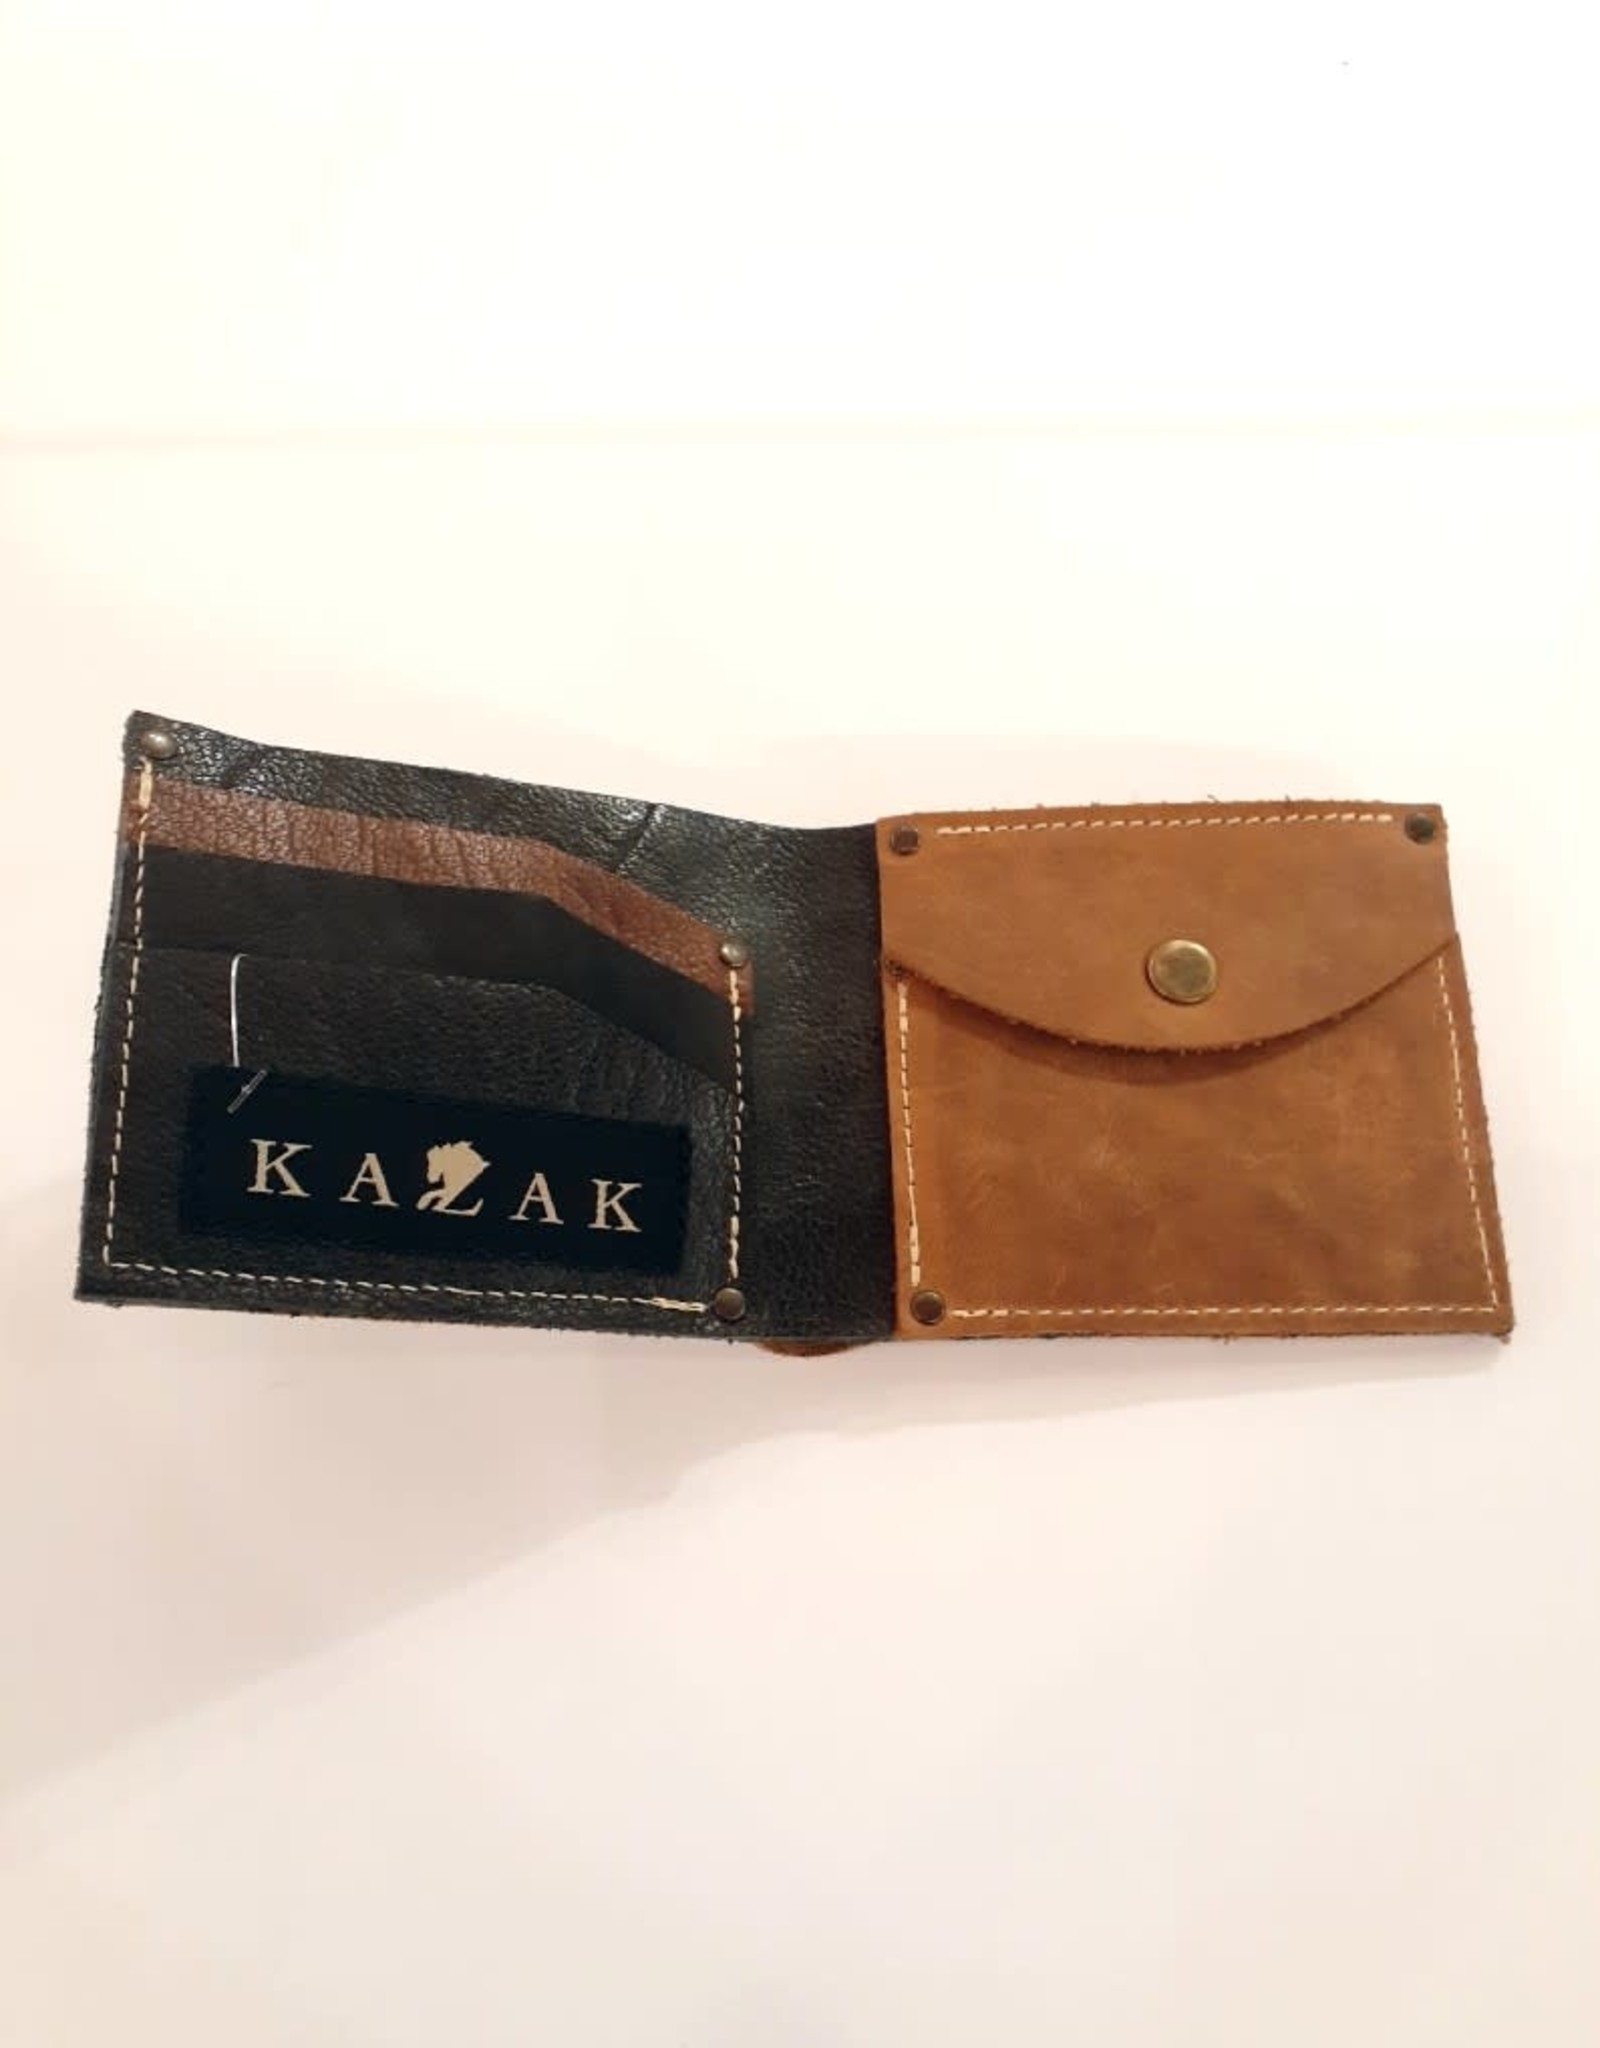 Kazak Porte-monnaie Léo Carillo AH1718 Kazak Tan/Noir